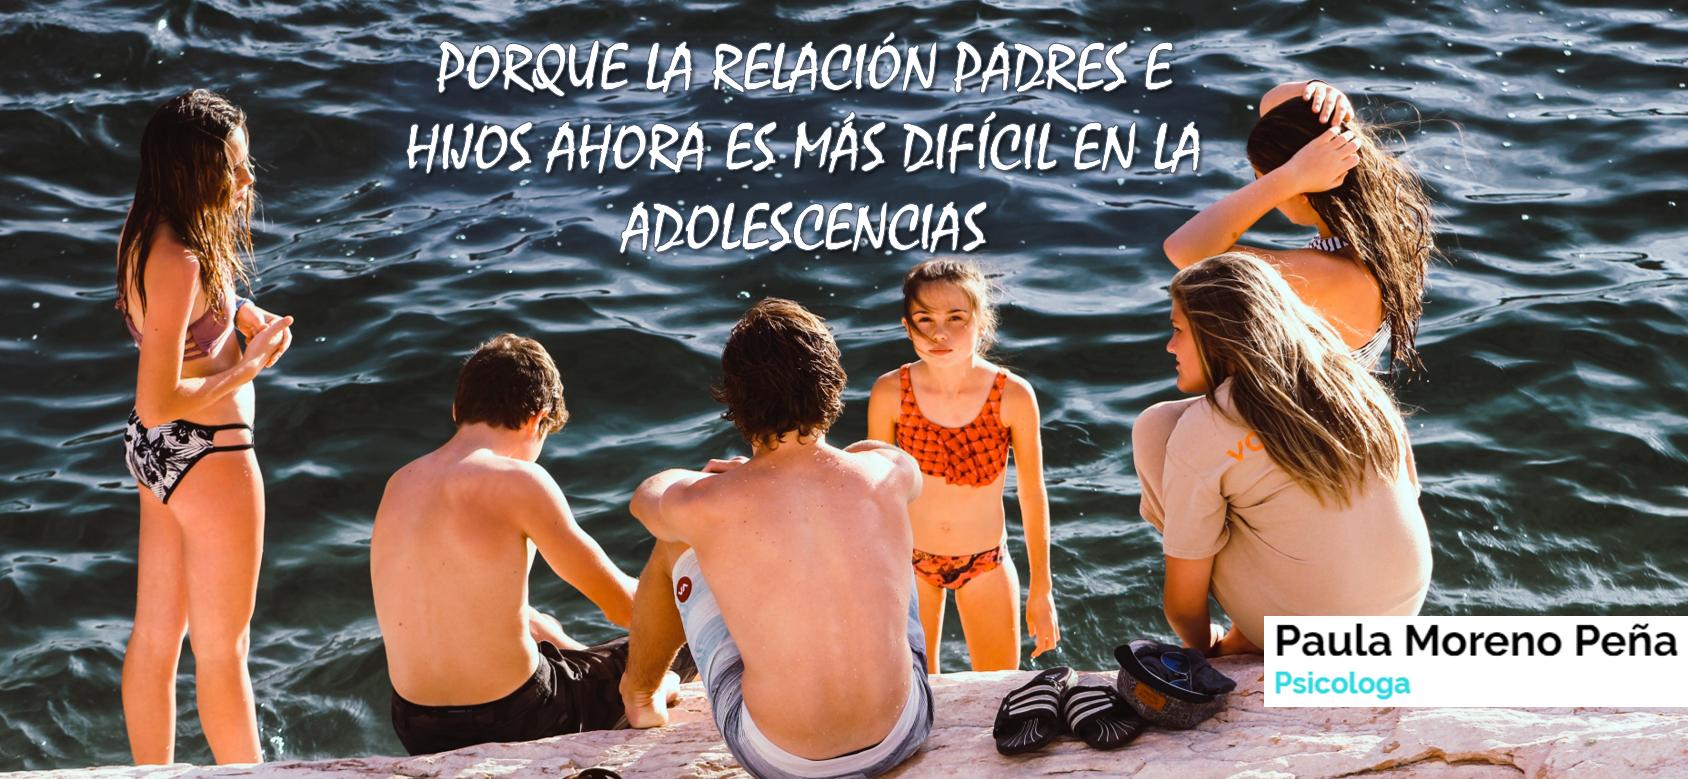 Porque la relación padres e hijos ahora es más difícil en la adolescencia - Paula Moreno